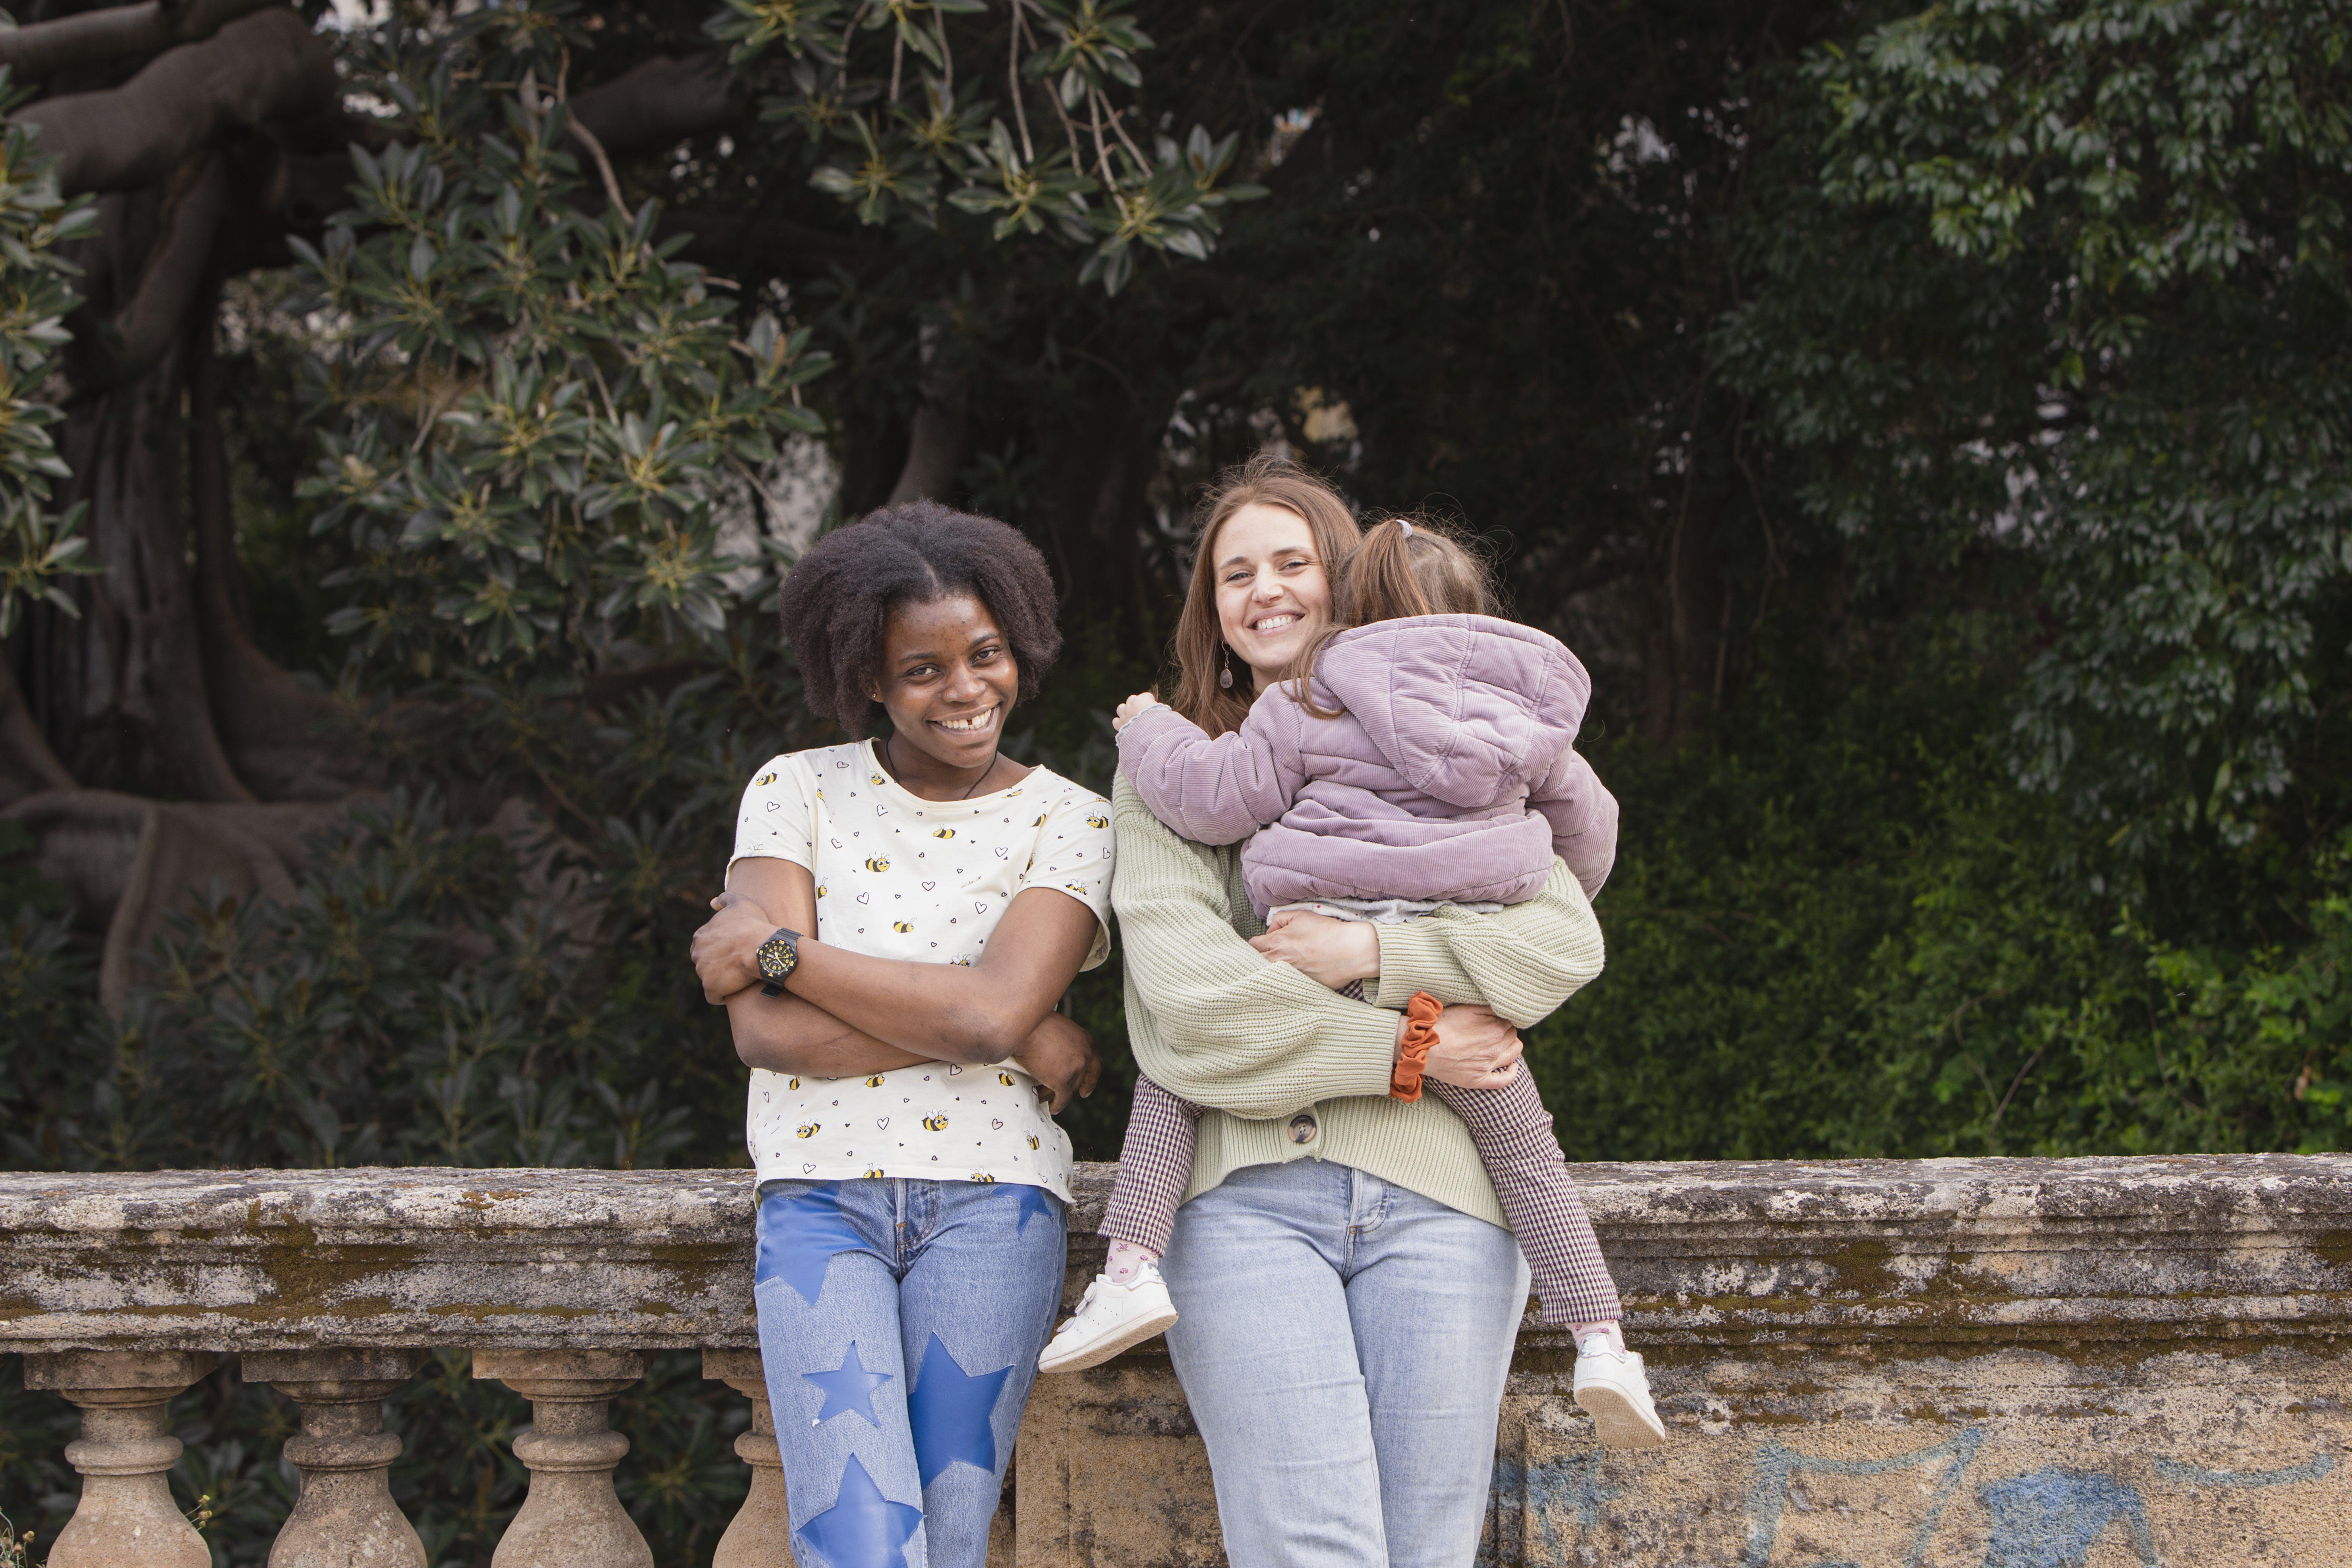 Vittoria con Valentina e sua figlia dopo una passeggiata. Il rapporto rifugiata-mentore è subito diventato amicizia